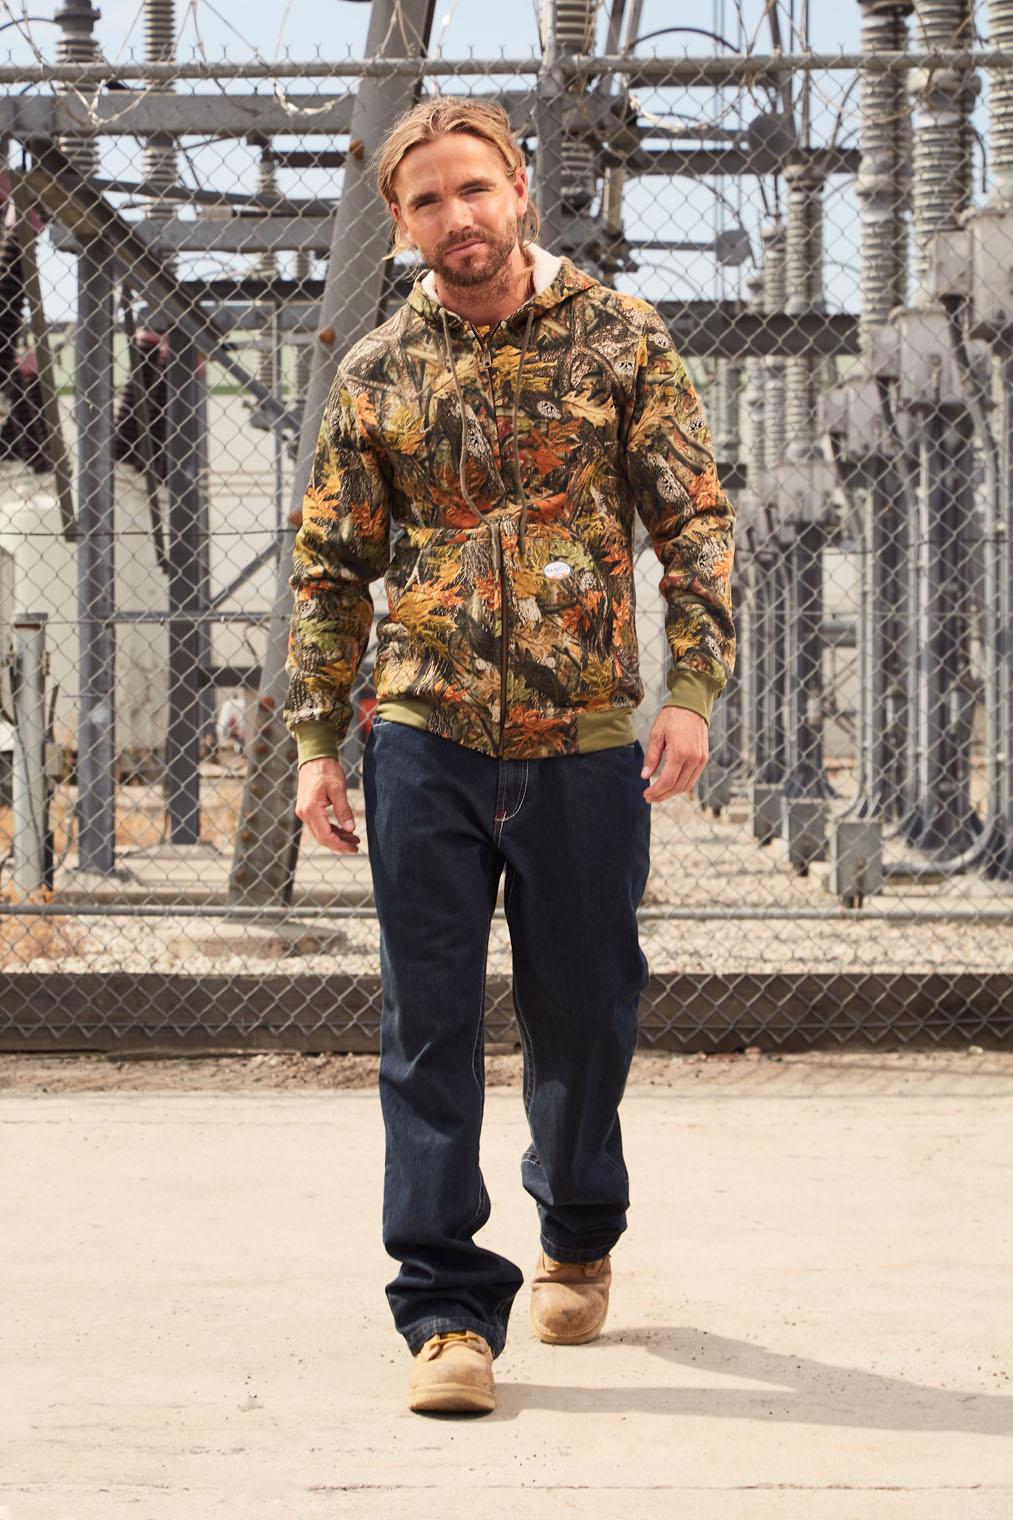 man in work uniform walking to work fashion shoot